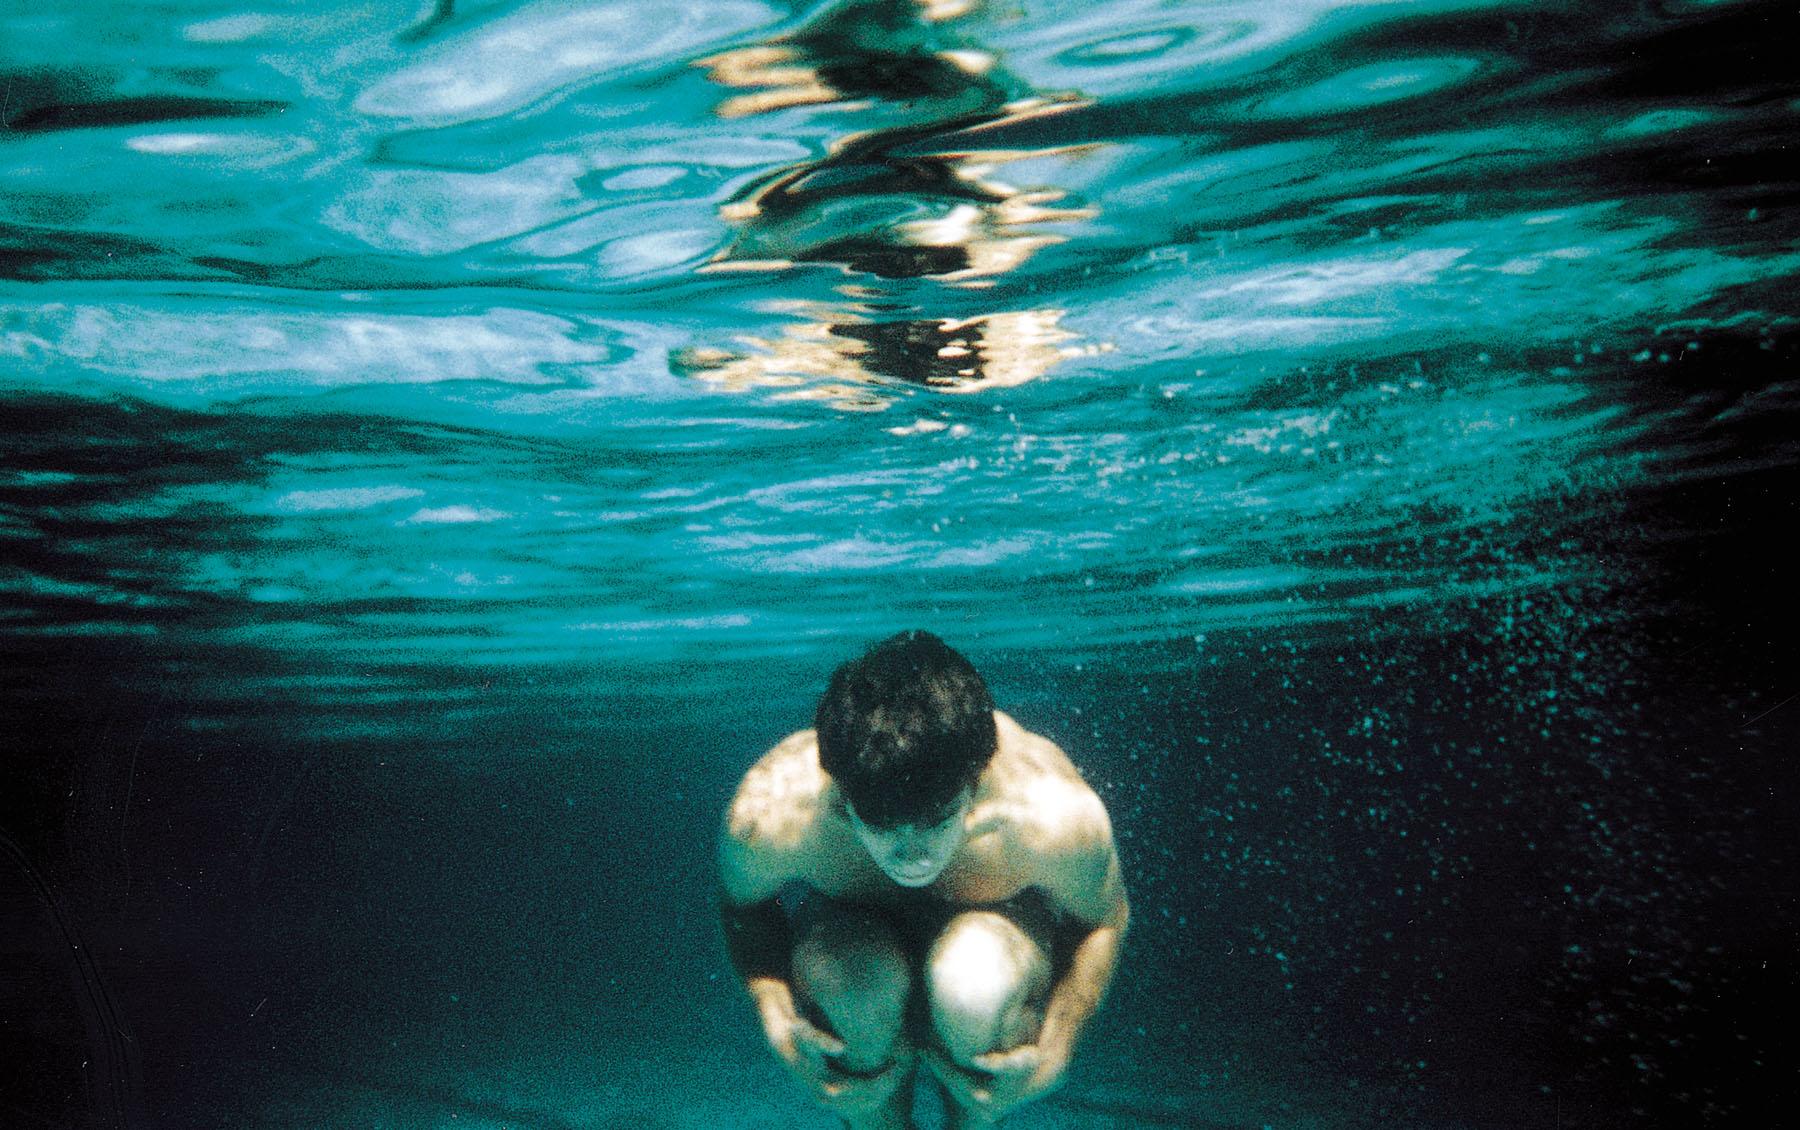 Quatro minutos com a cabeça de baixo d'água sem respirar, é o suficiente para causar danos ao cérebro.